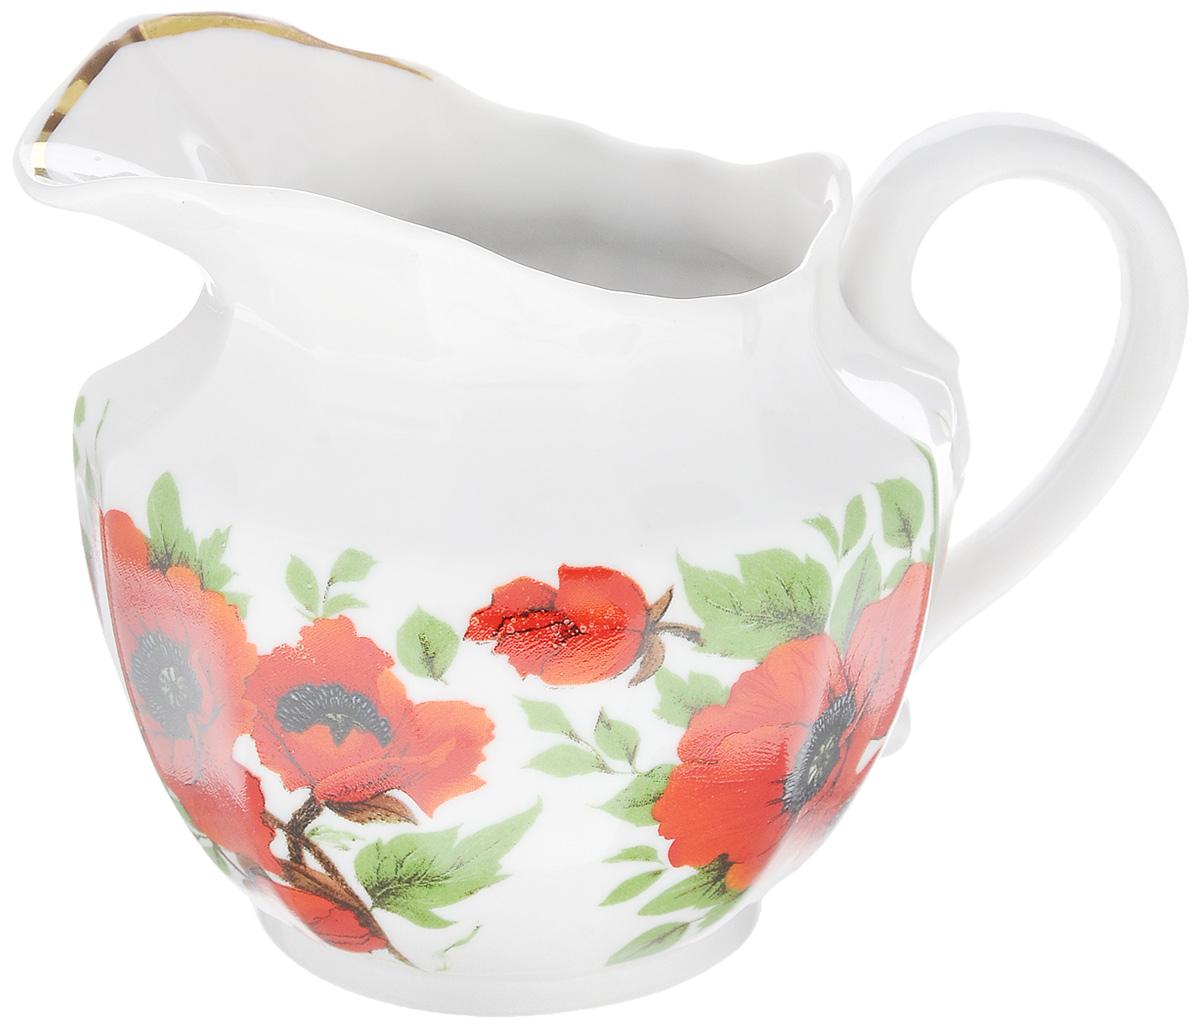 Сливочник Фарфор Вербилок Маки, 350 мл7983153Сливочник Фарфор Вербилок Маки выполнен из высококачественного фарфора и декорирован рисунком с изображением красных маков. Это изделие предназначено для того, чтобы красиво и аппетитно подавать на стол сливки или молоко к чаю, кофе, супу или фруктам. Размер сливочника (по верхнему краю): 9 х 7 см. Высота сливочника: 10 см.